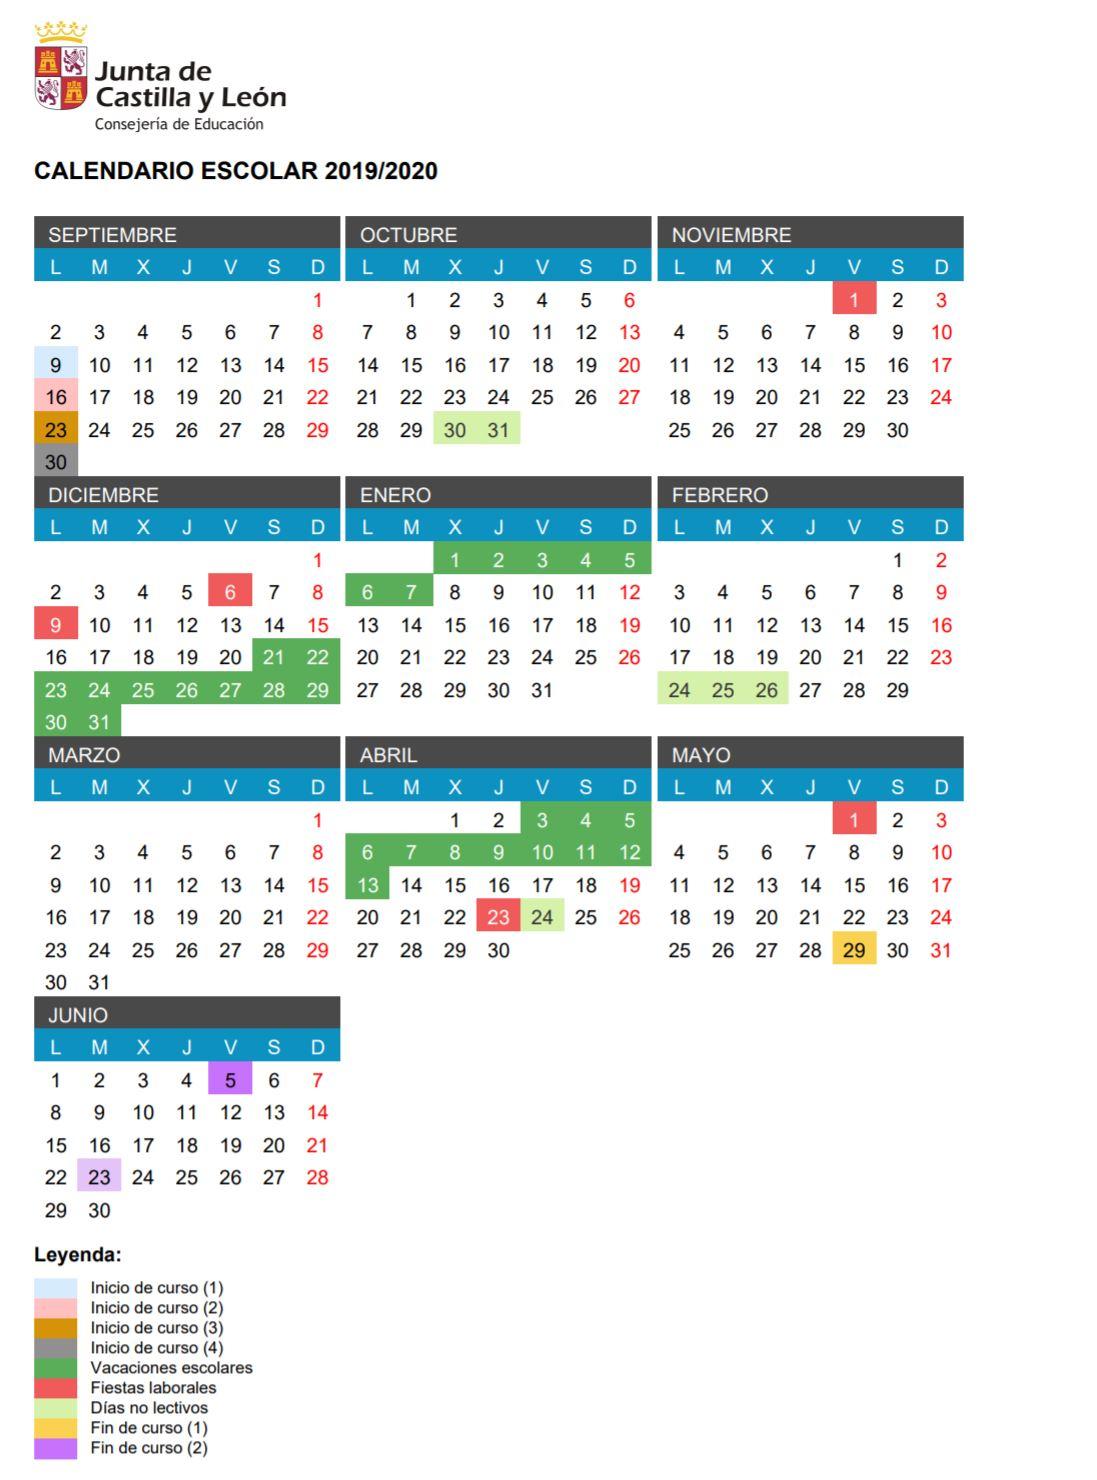 Calendario Escolar 2019 2020, Más De 100 Calendarios inside Template Calendario Escolar 2020